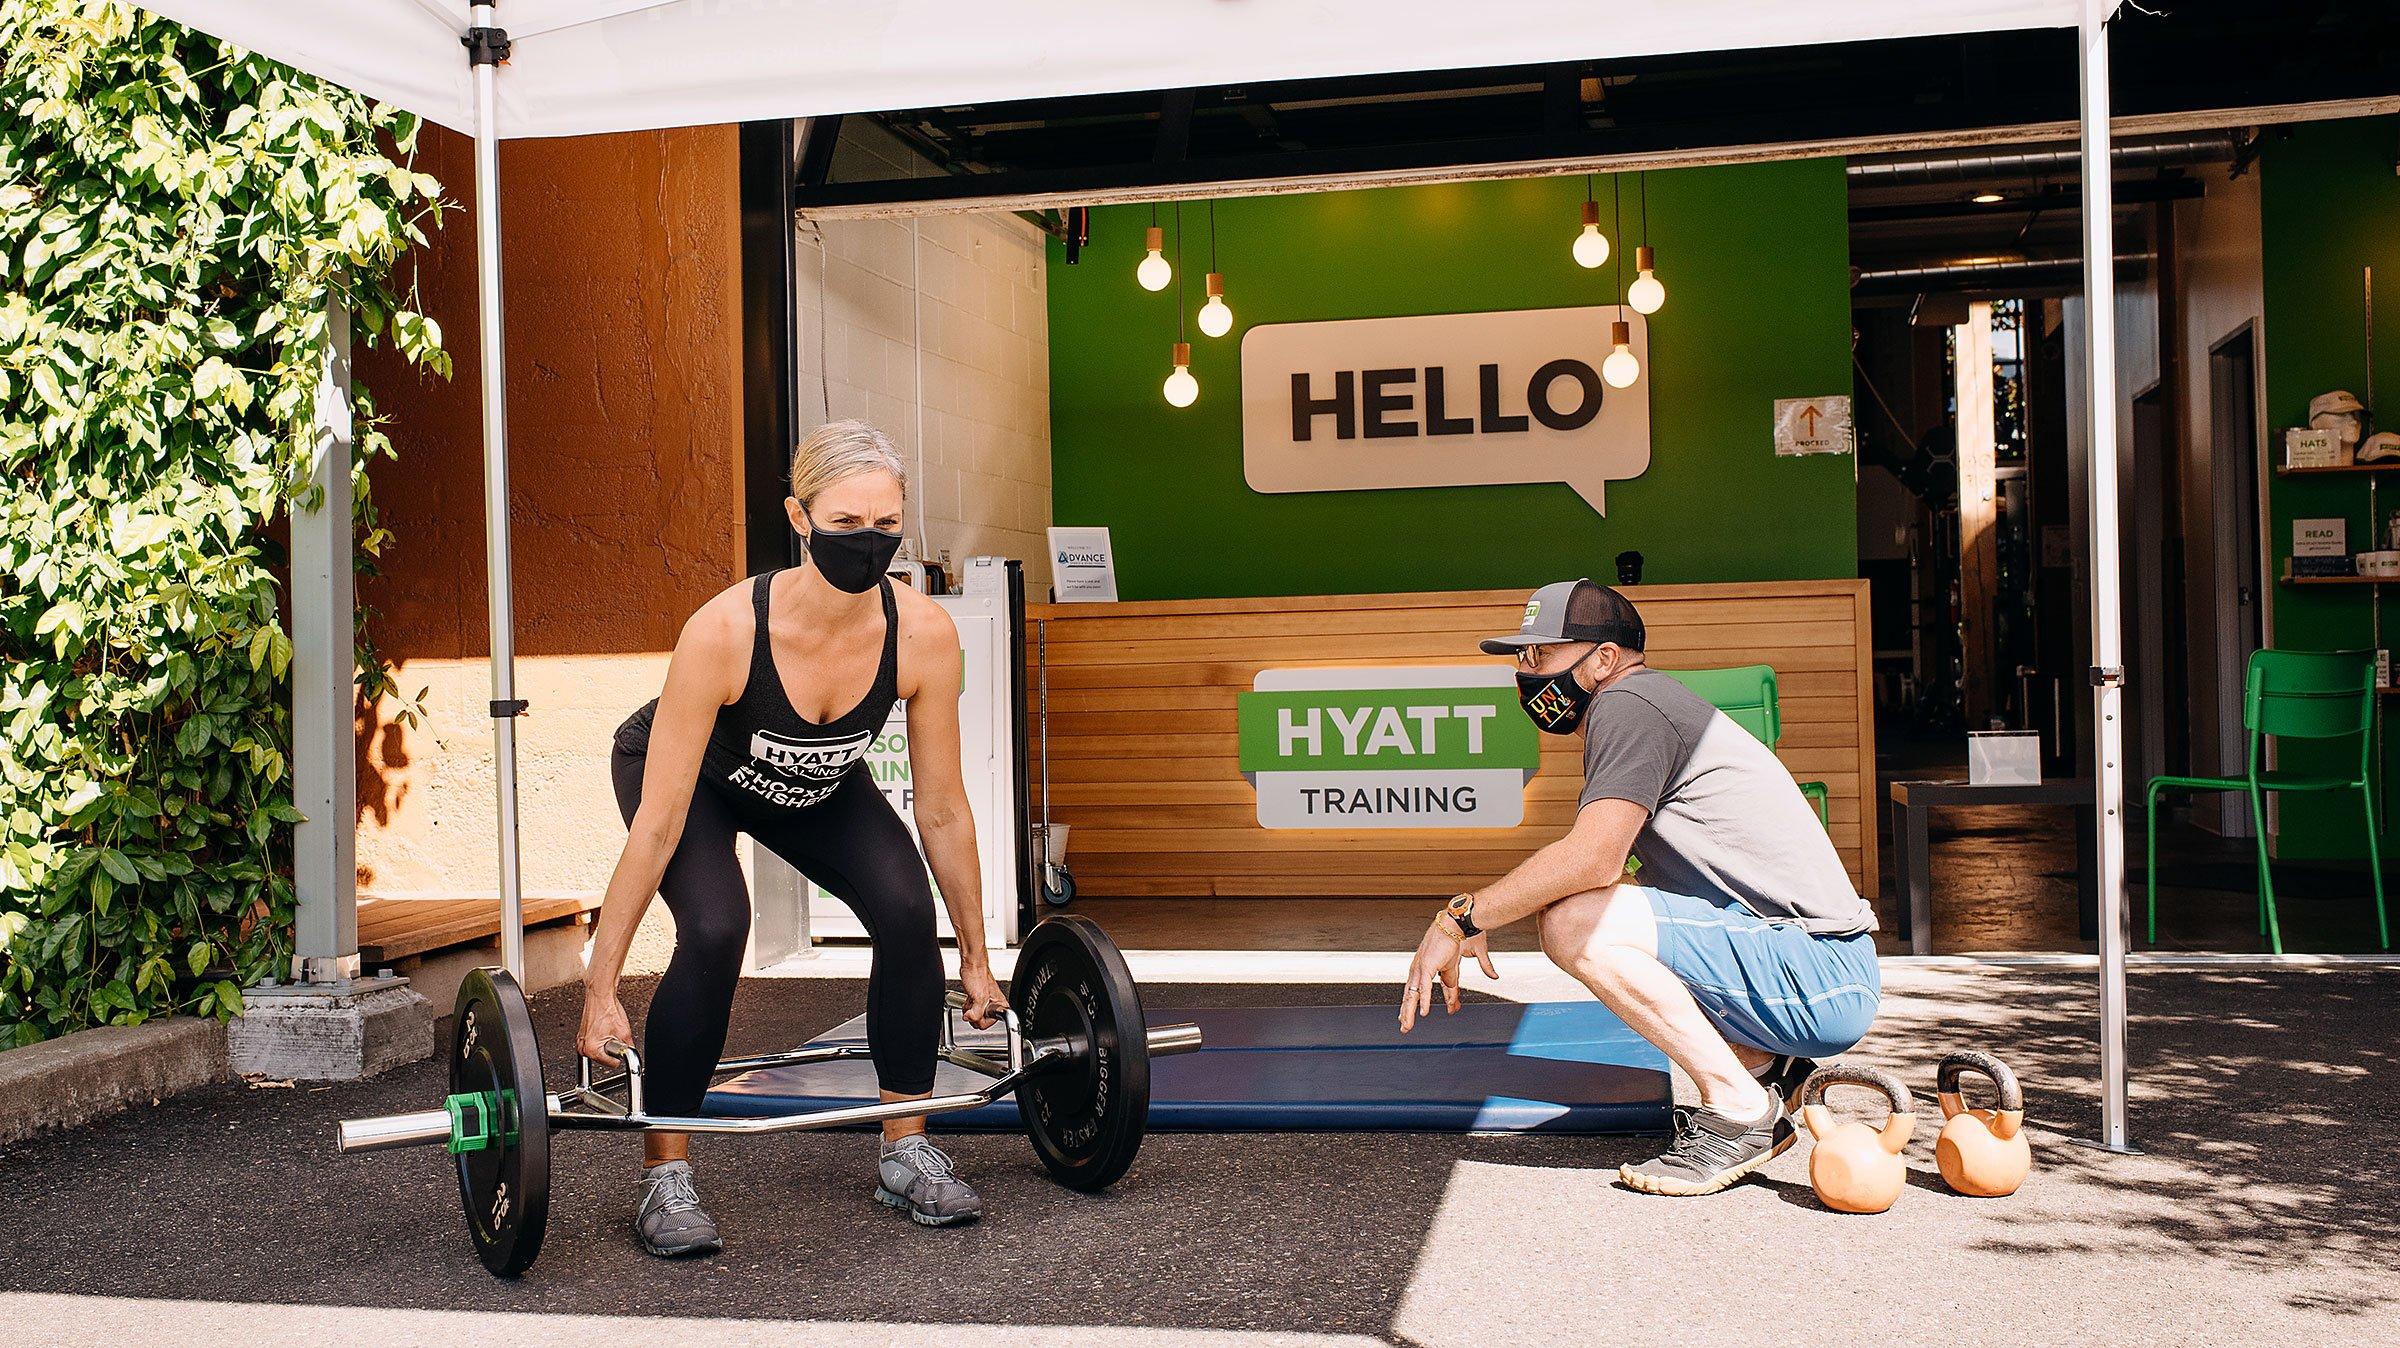 Hyatt Training Portland personal training gym in Portland, open during COVID-19